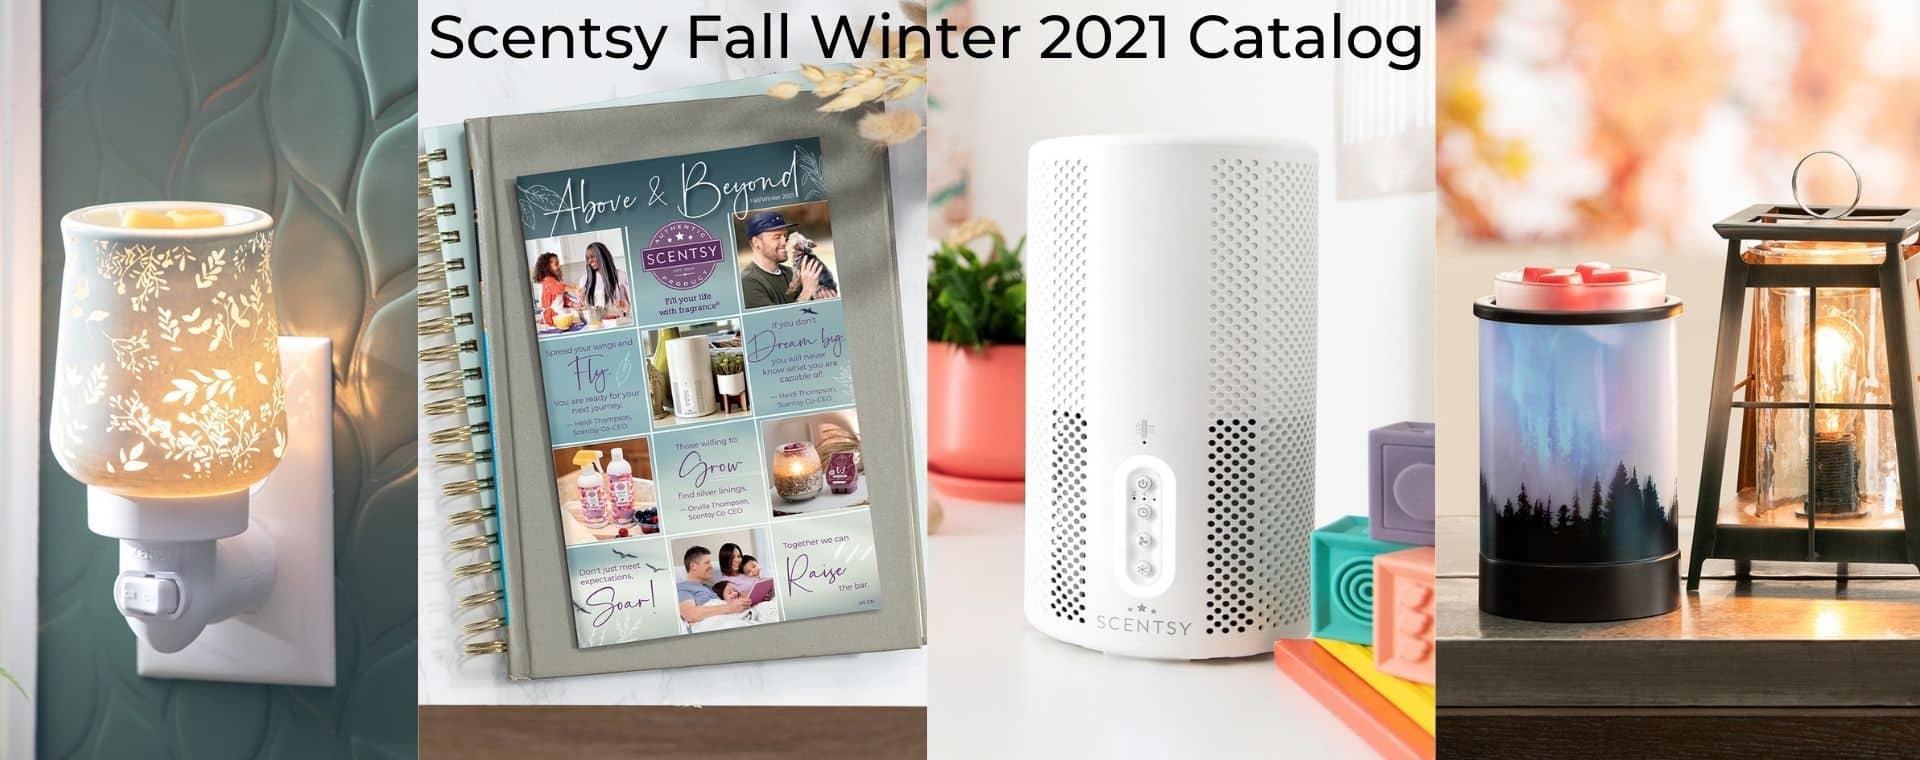 Scentsy Fall 2021 Catalog 3